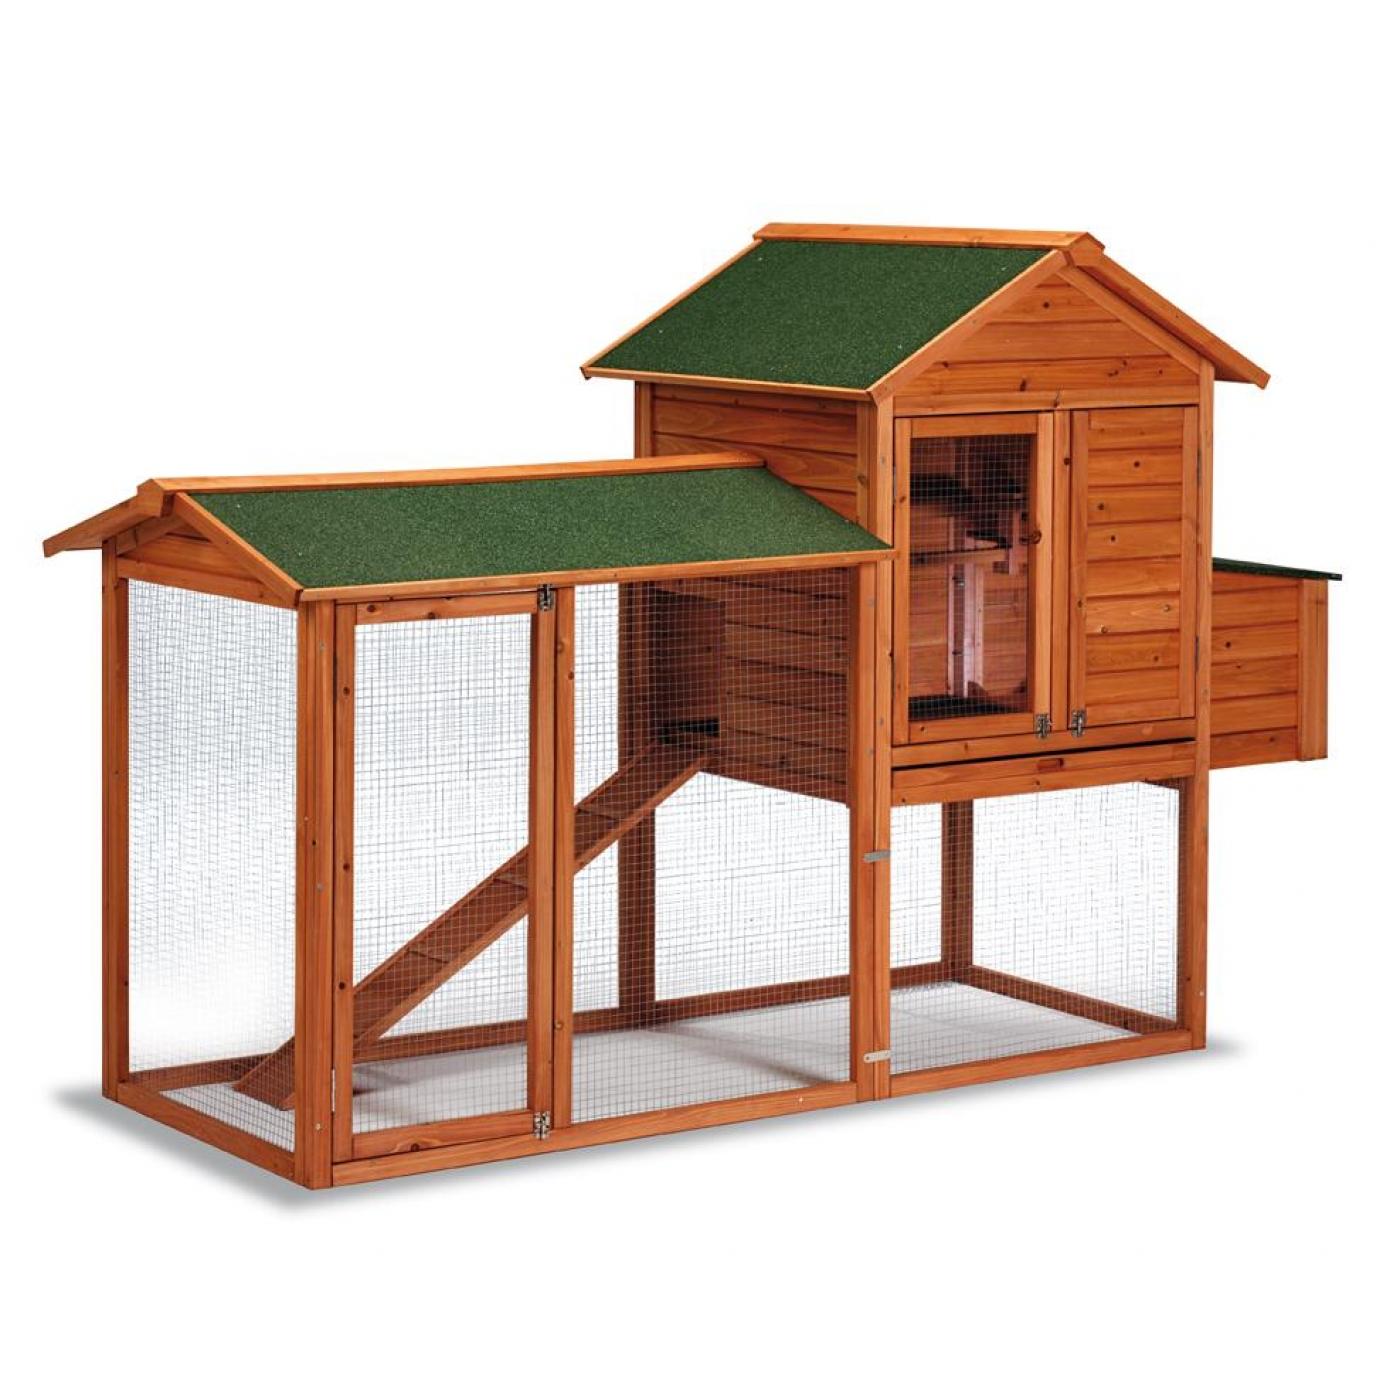 Gallinero madera dubl n por 299 95 en planeta huerto - Prefabricados de madera ...